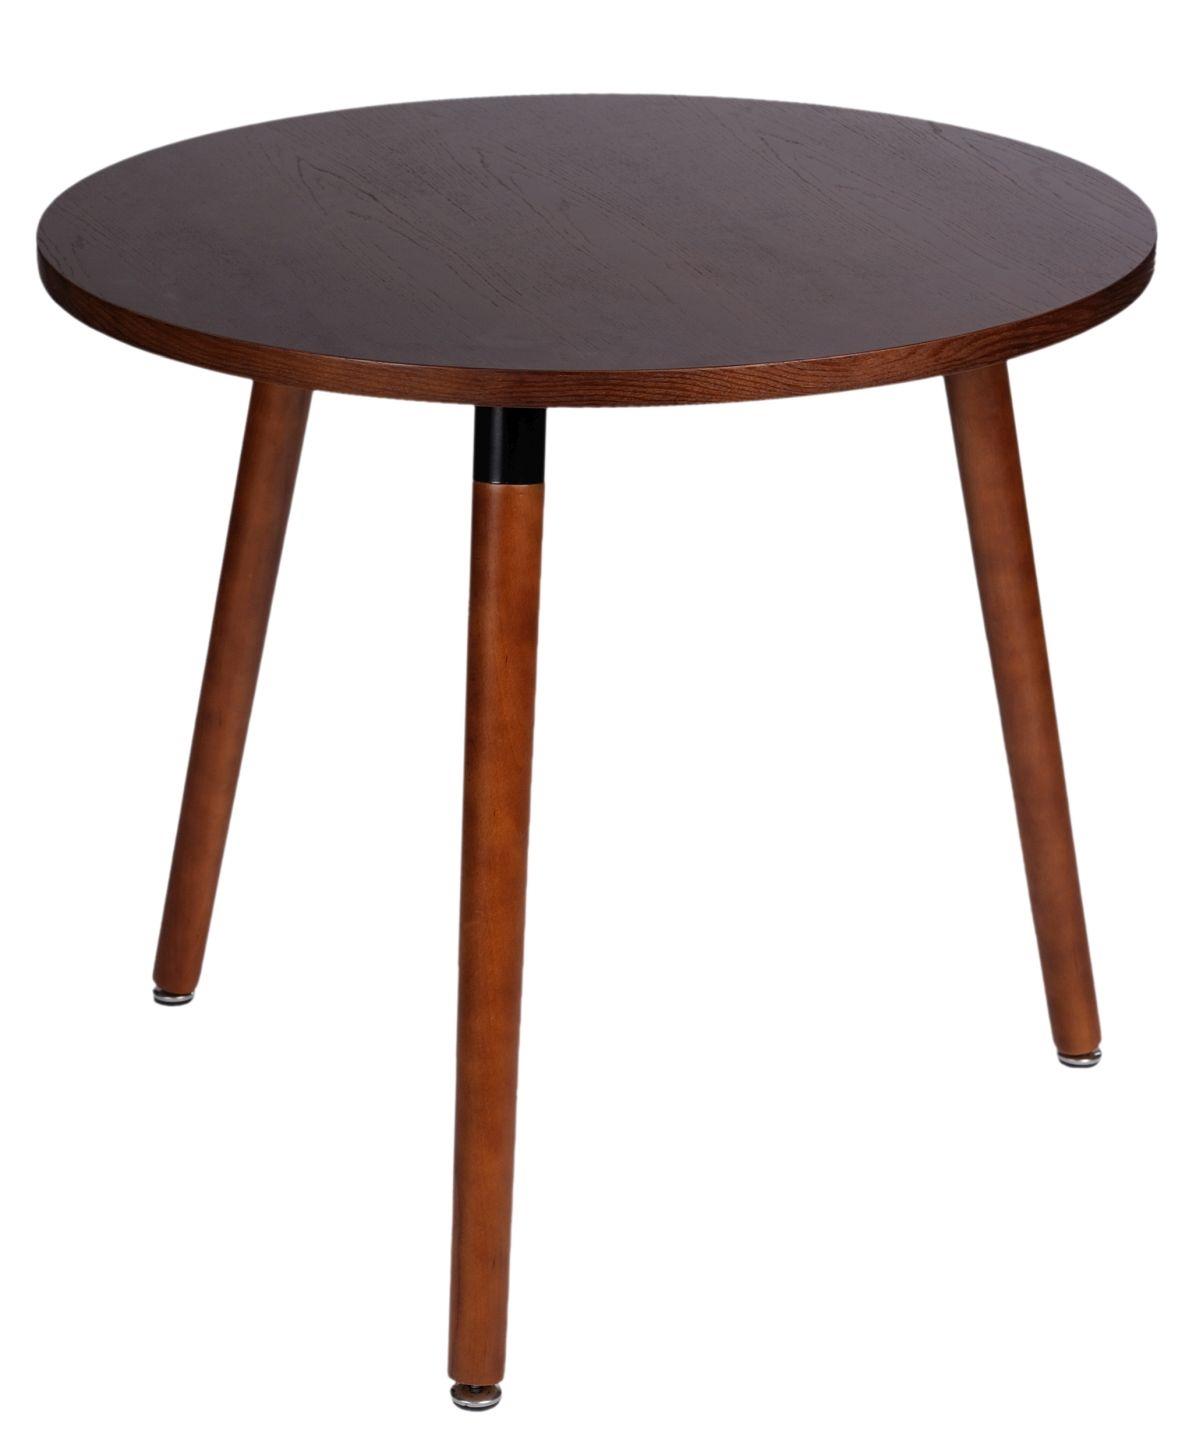 Jídelní stůl Clara kulatý, 80 cm, ořech